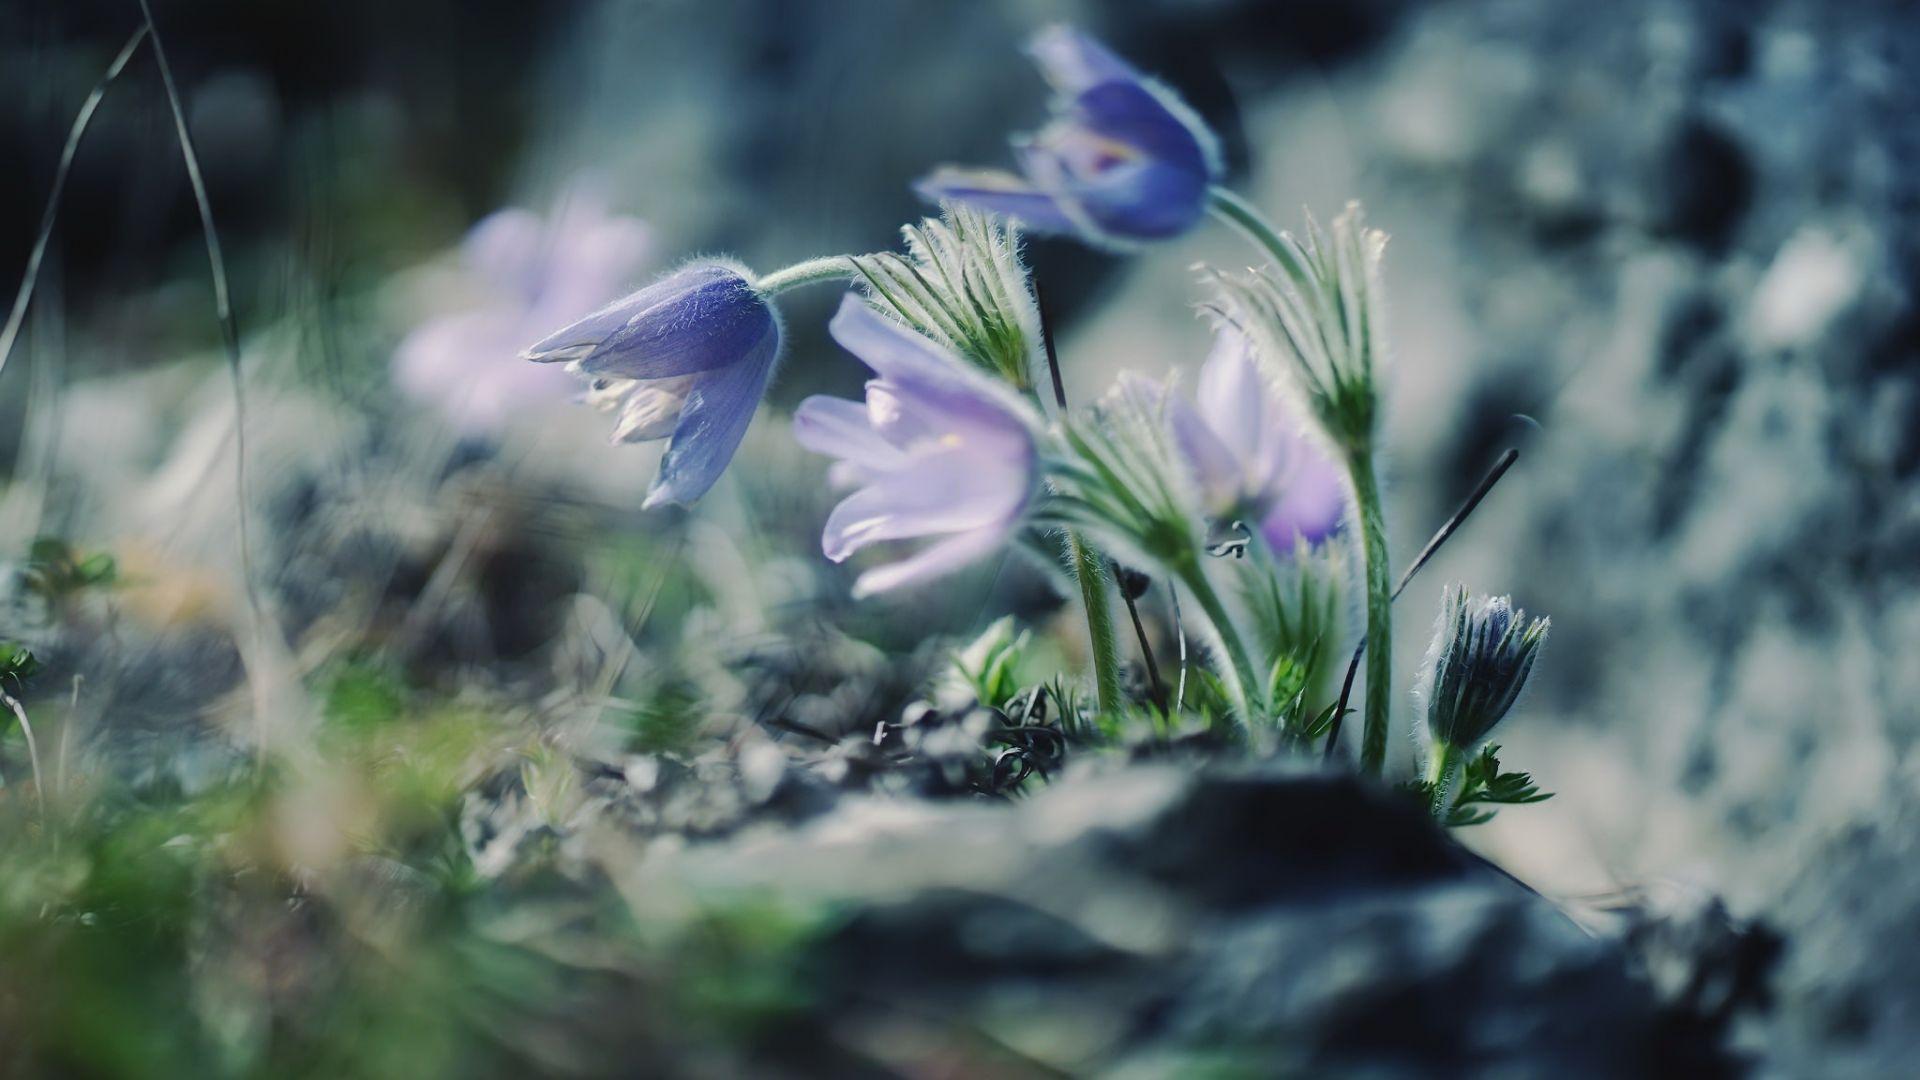 Wallpaper Beautiful, small purple, wild flowers, blur